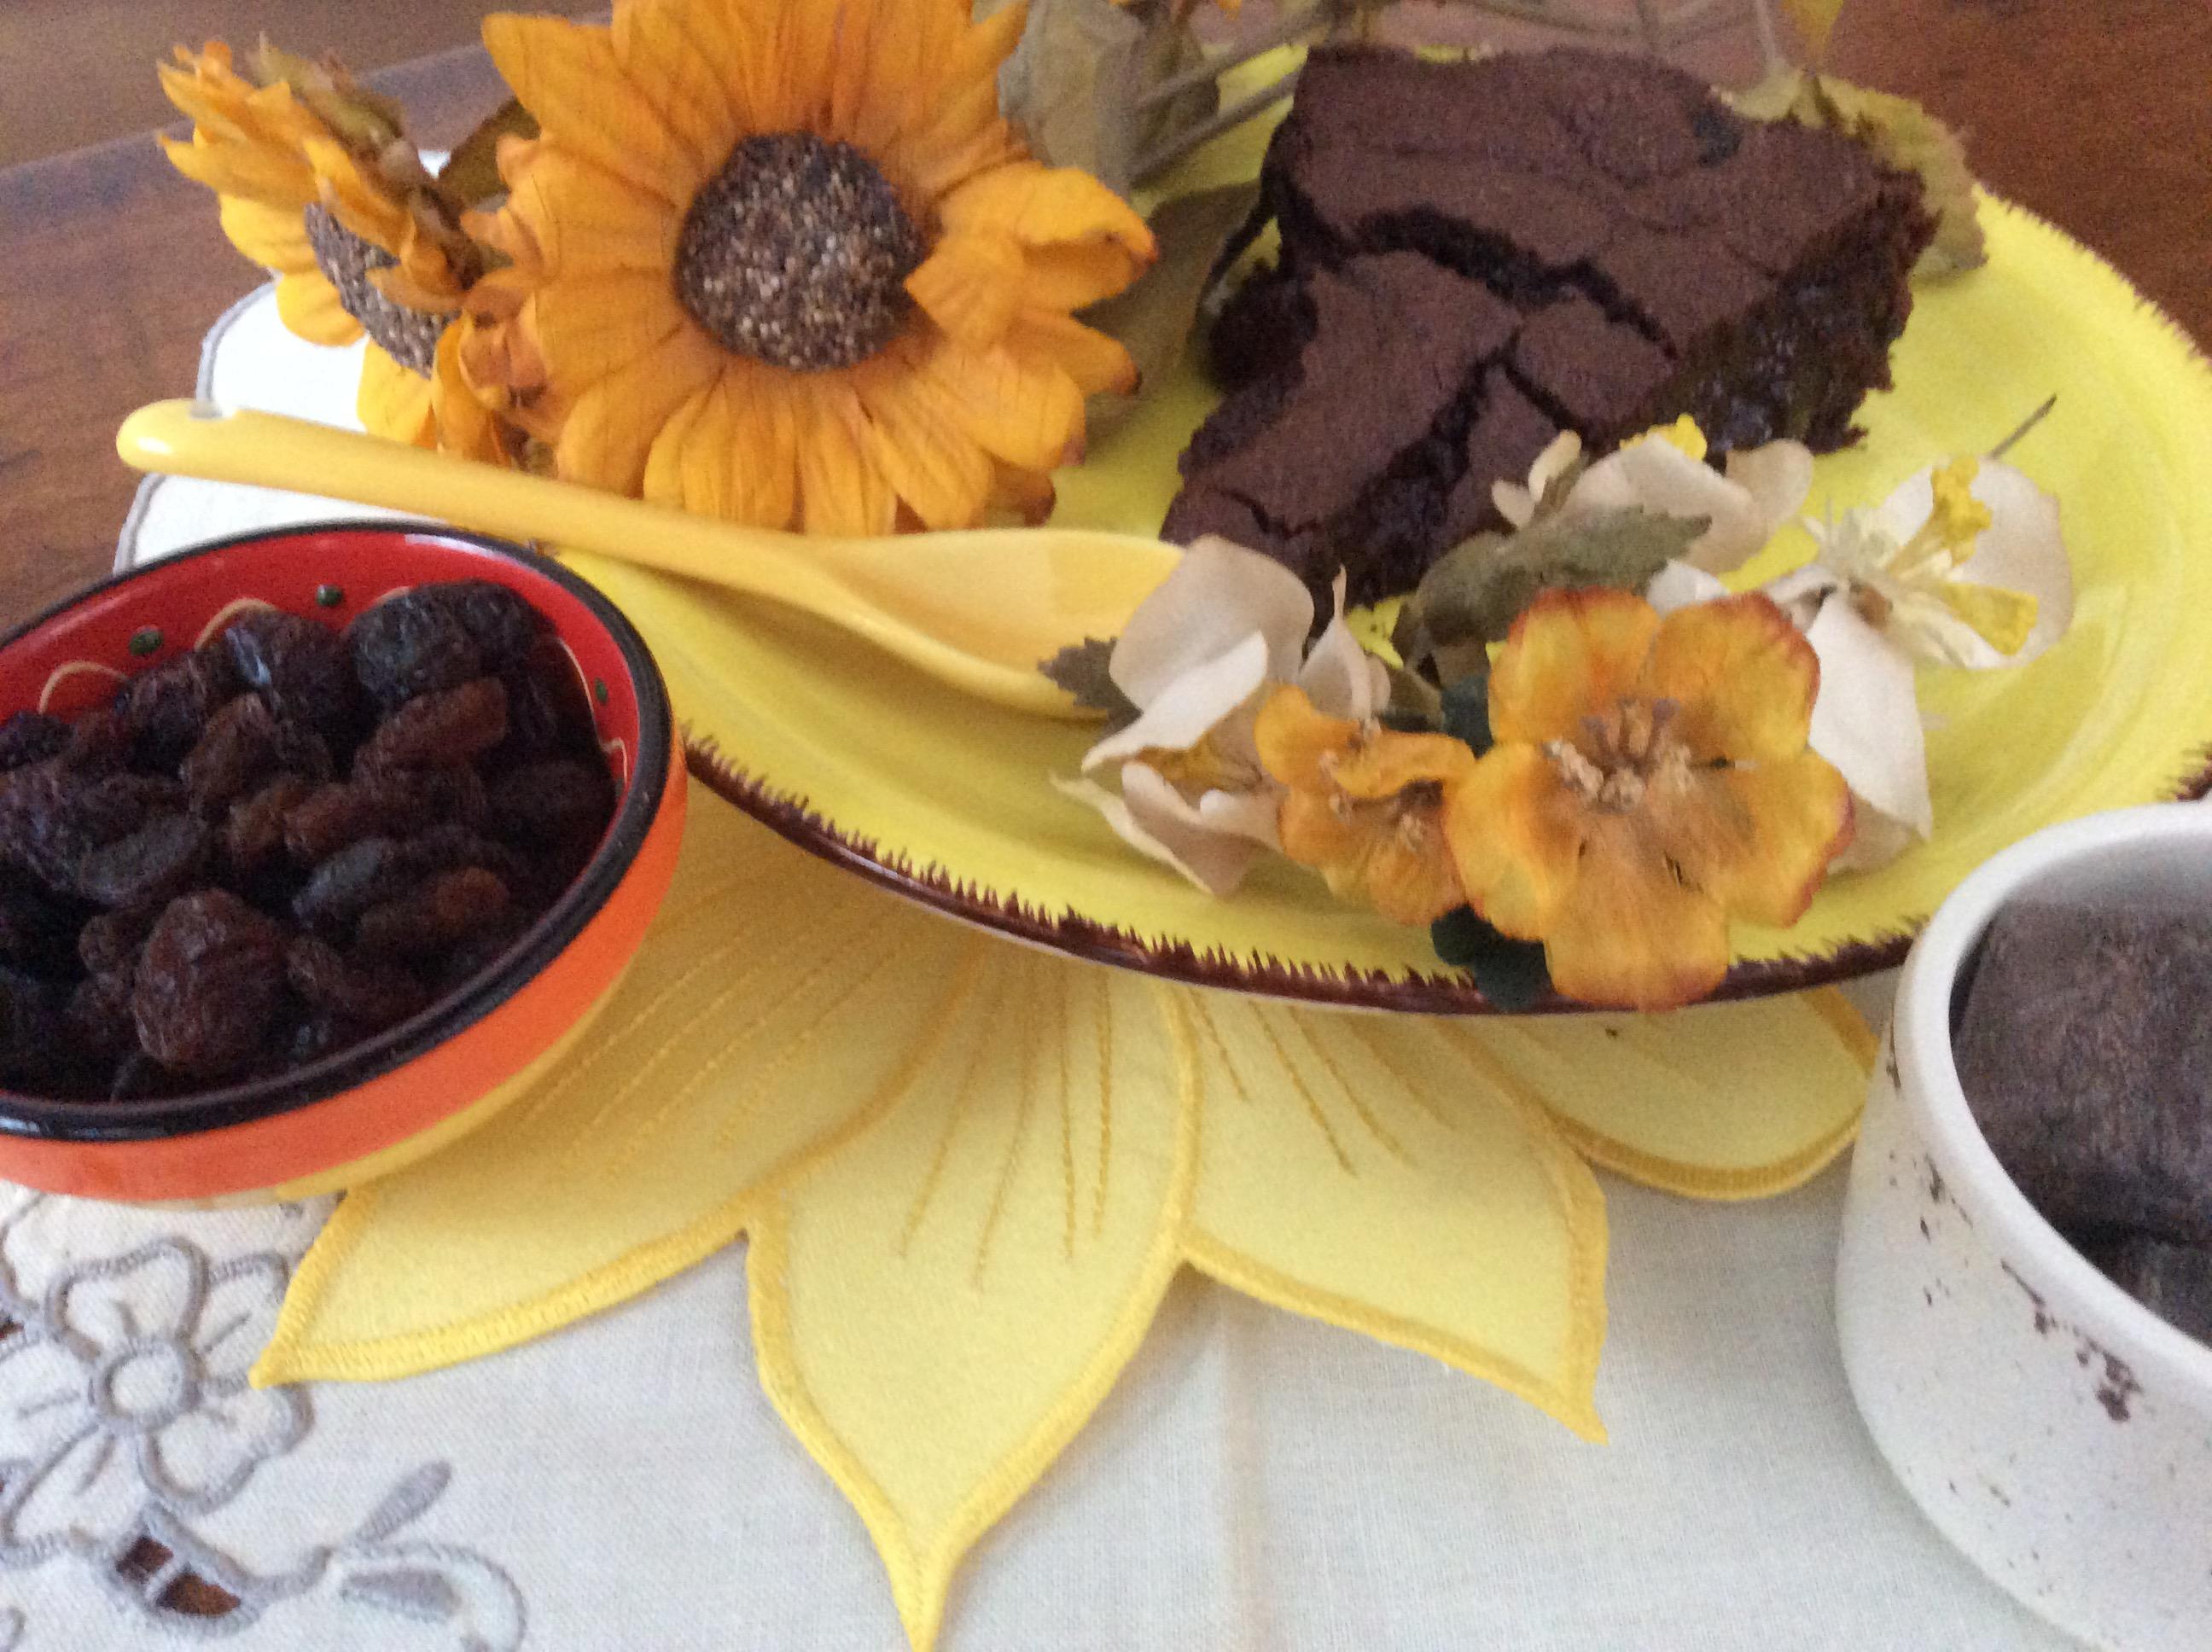 cremosa al cioccolato all'interno